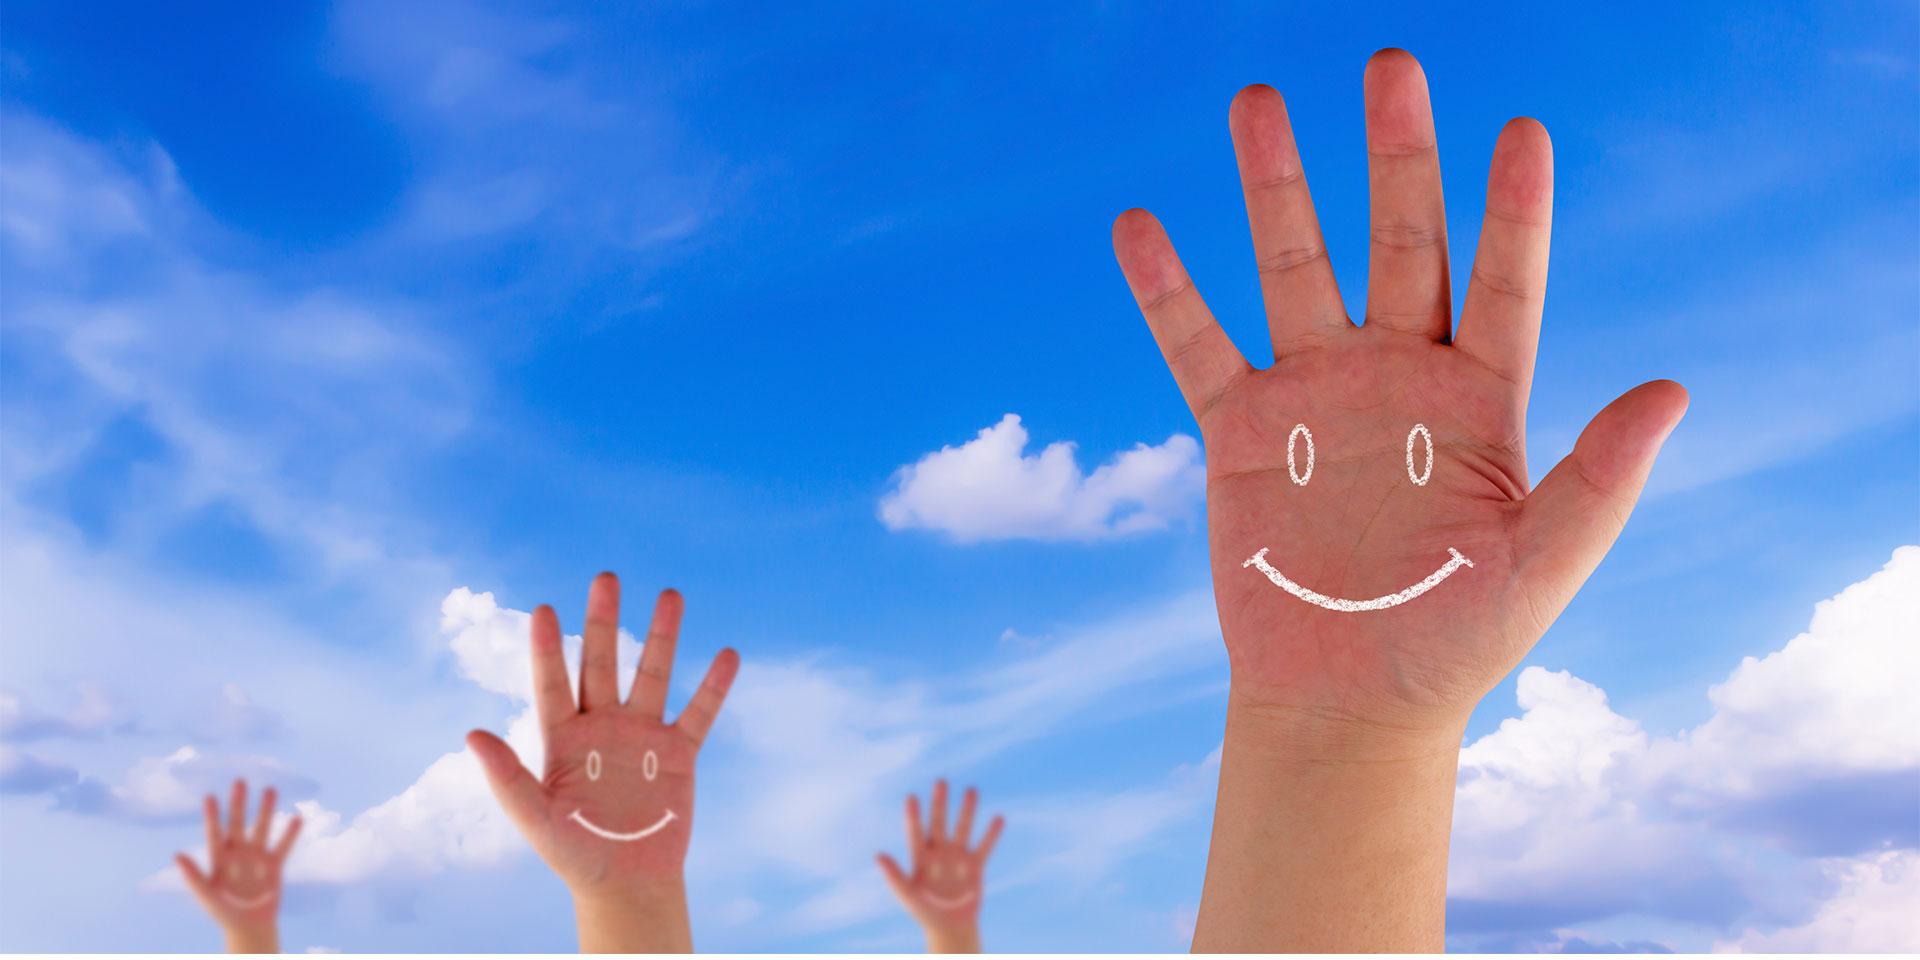 Raportul despre fericirea mondială. Rezultate surprinzătoare